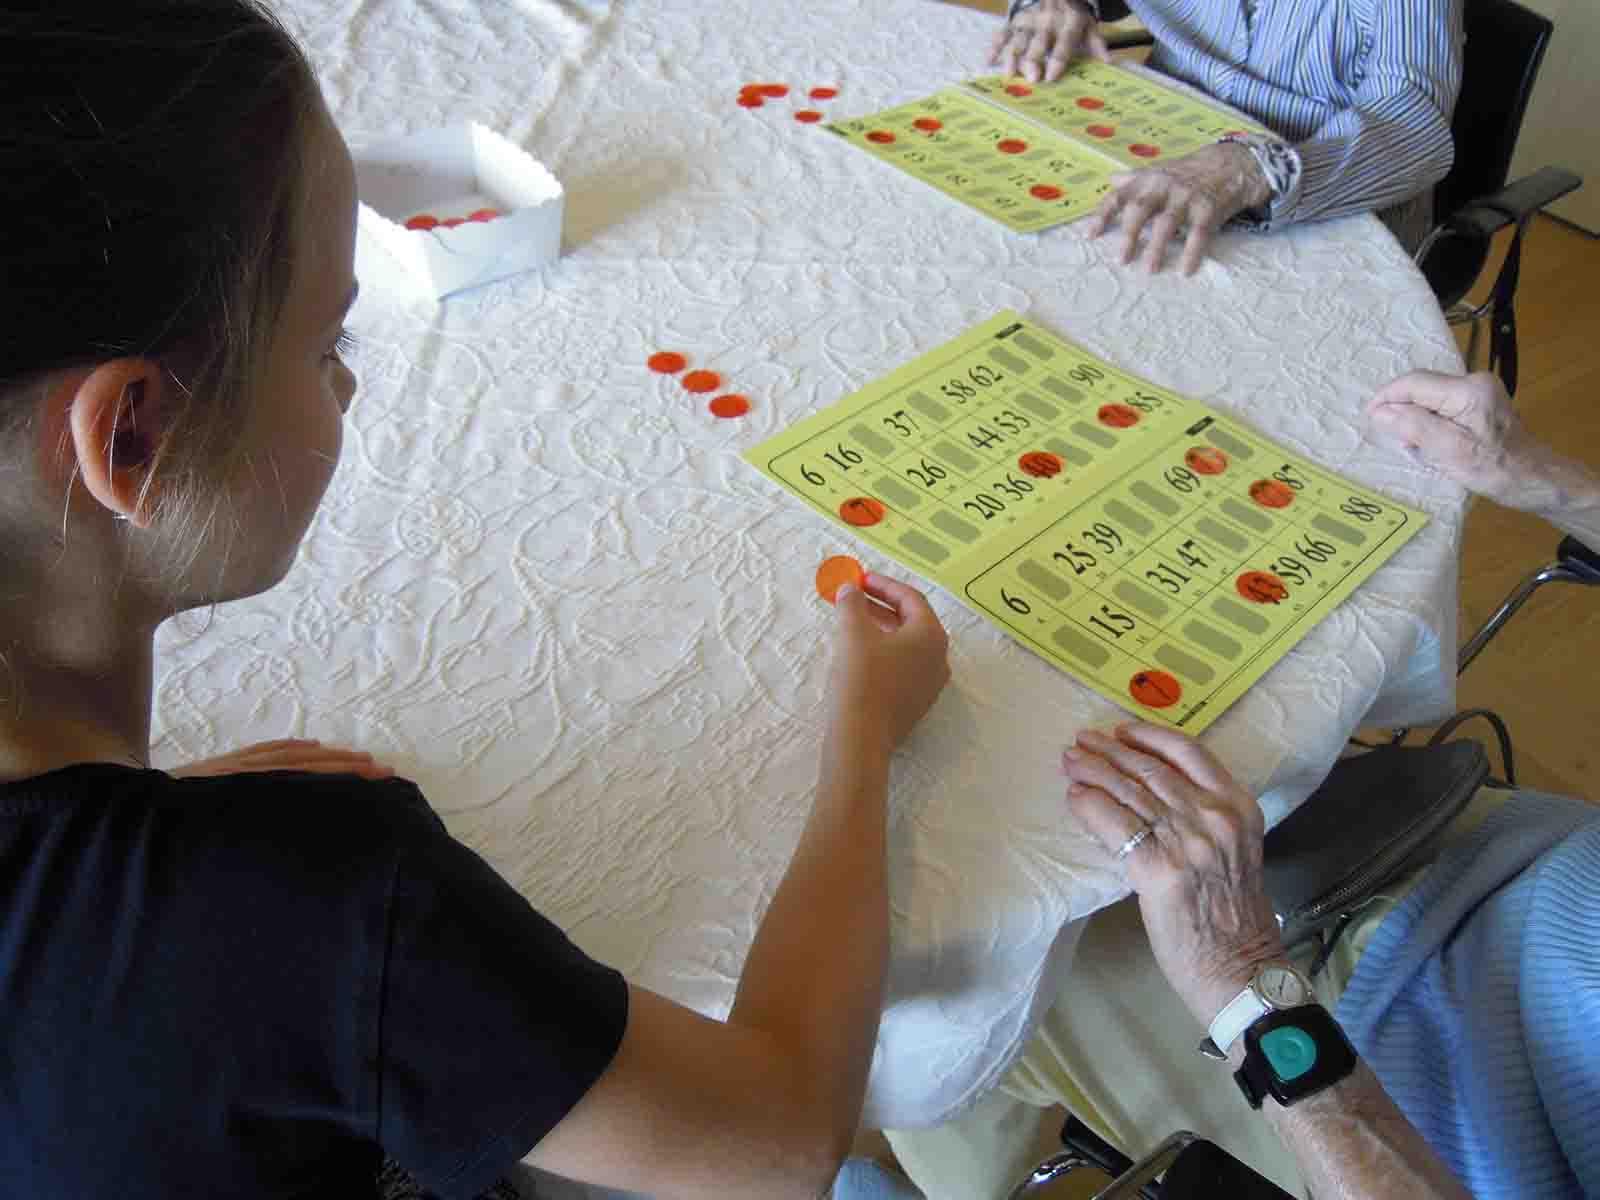 Beim gemeinsamen Spiel lässt sich leicht Kontakt schliessen.